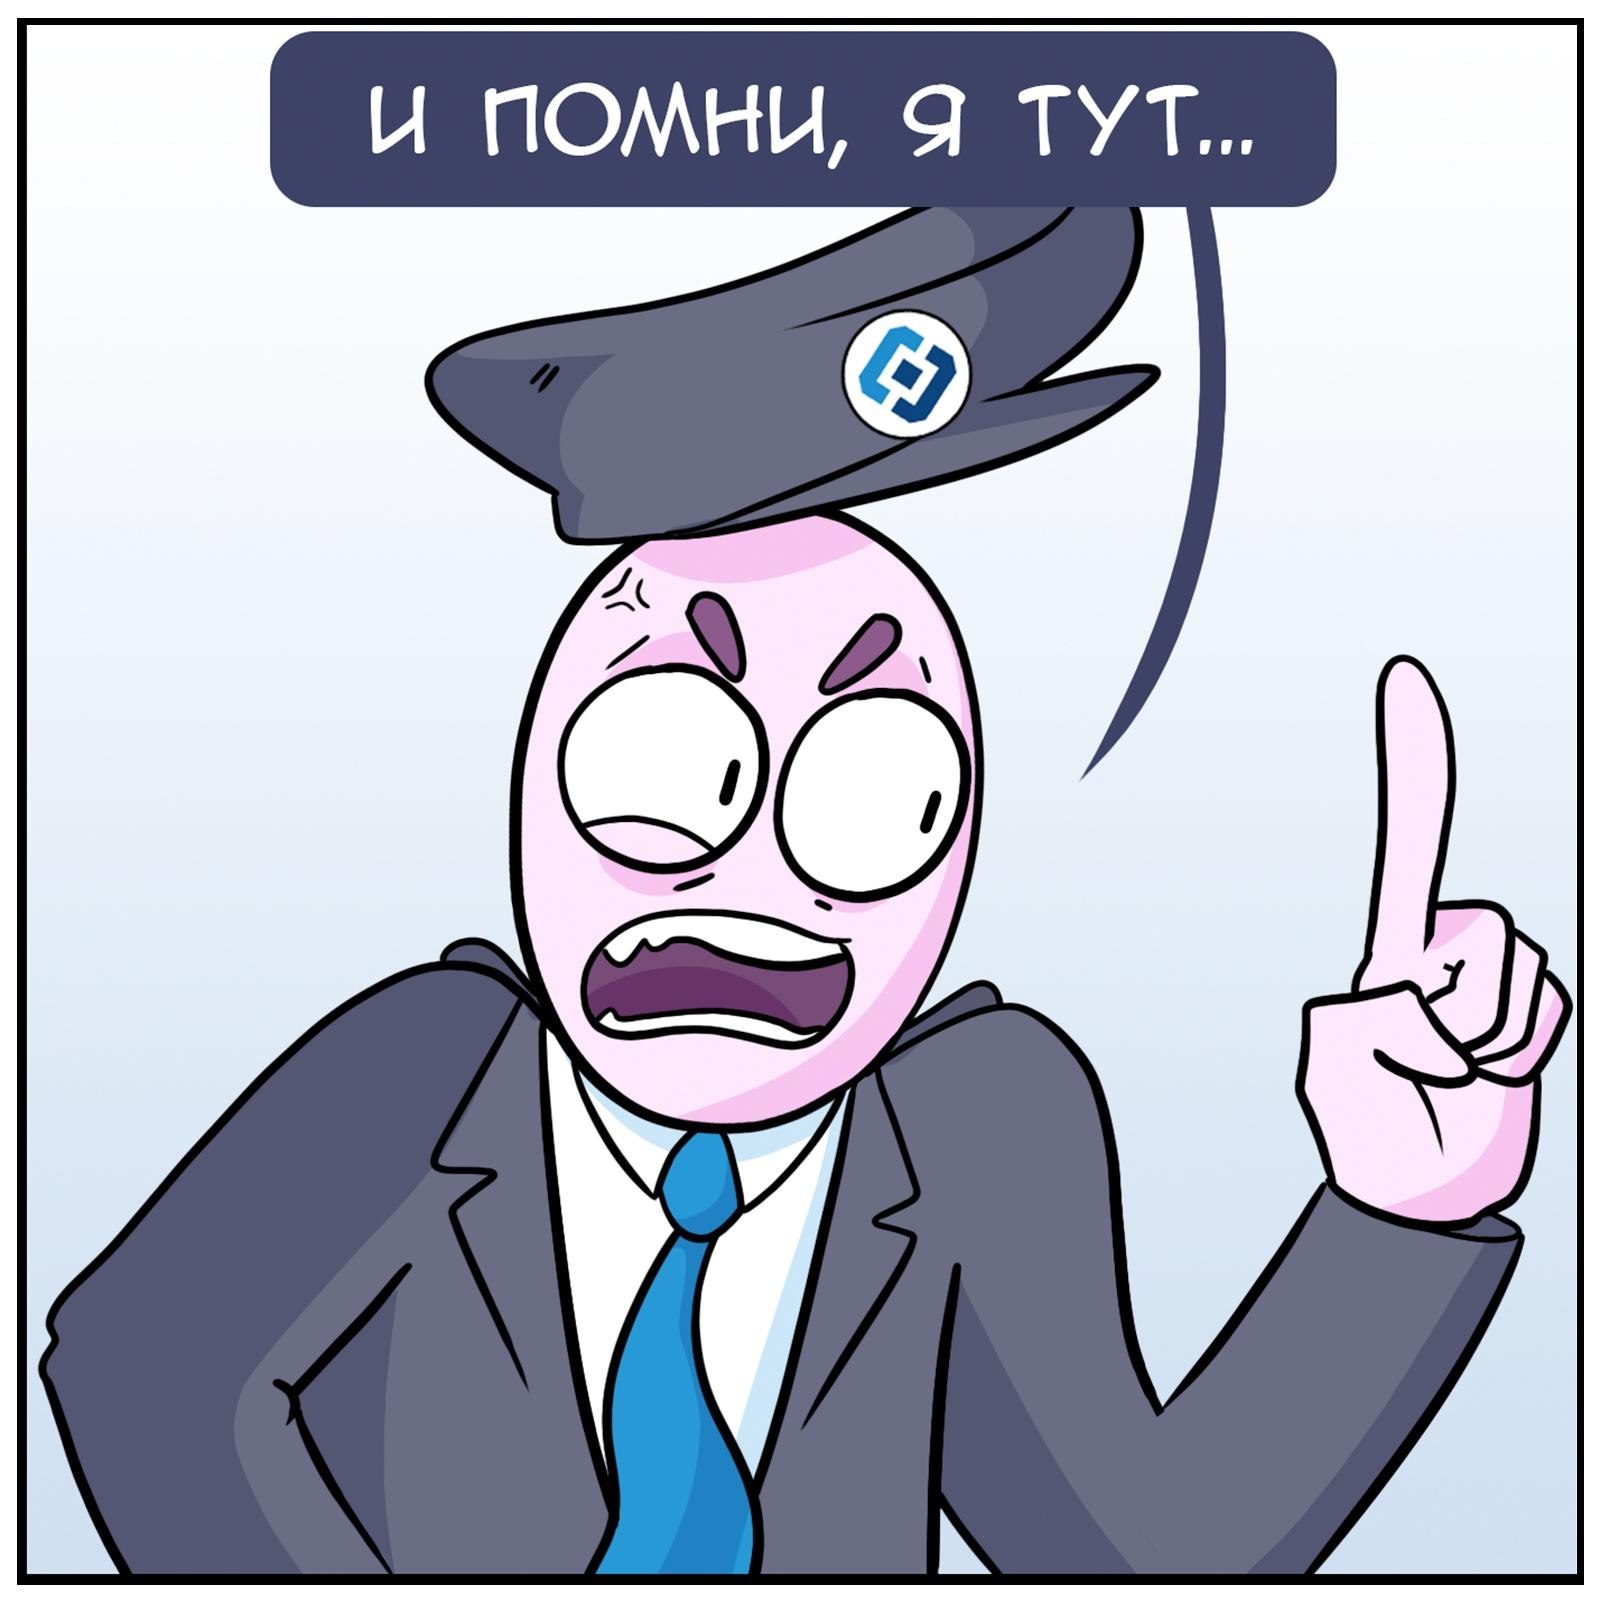 Телеграм и Роскомнадзор